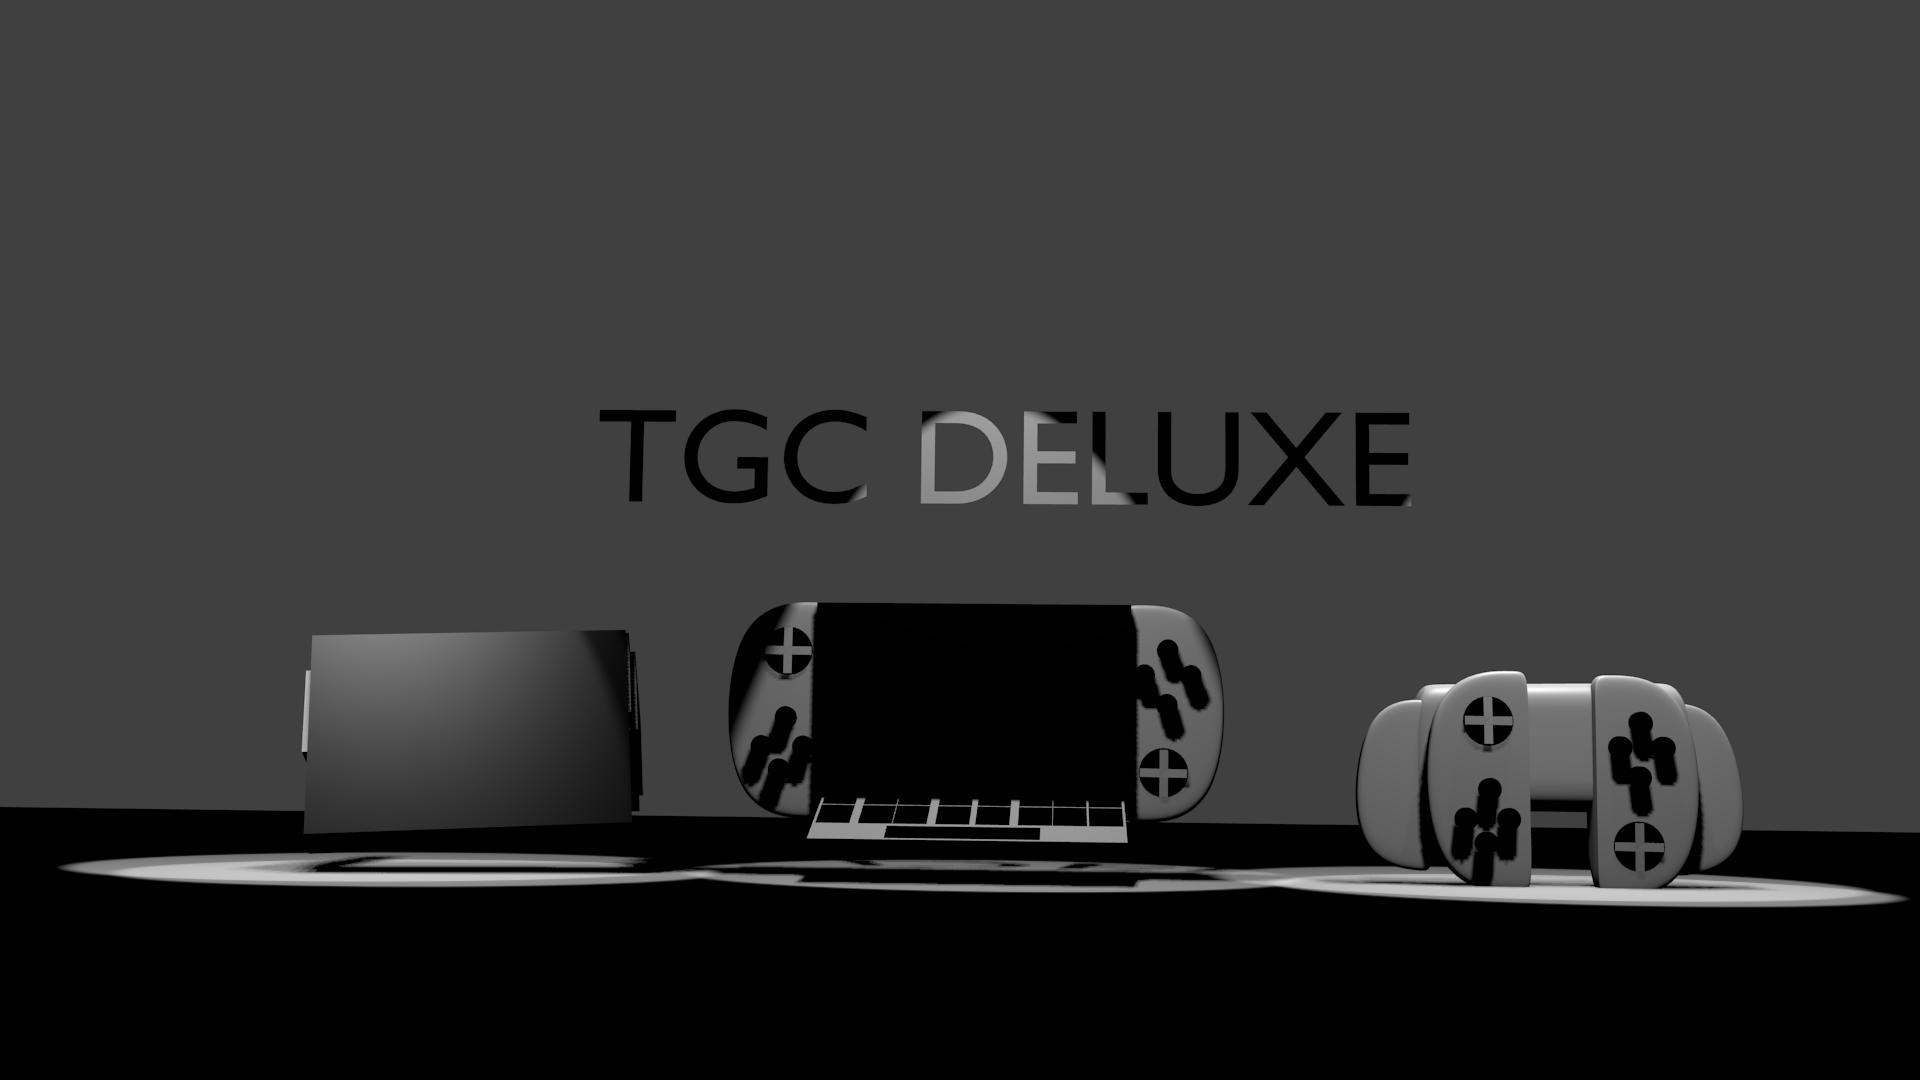 TGC Deluxe